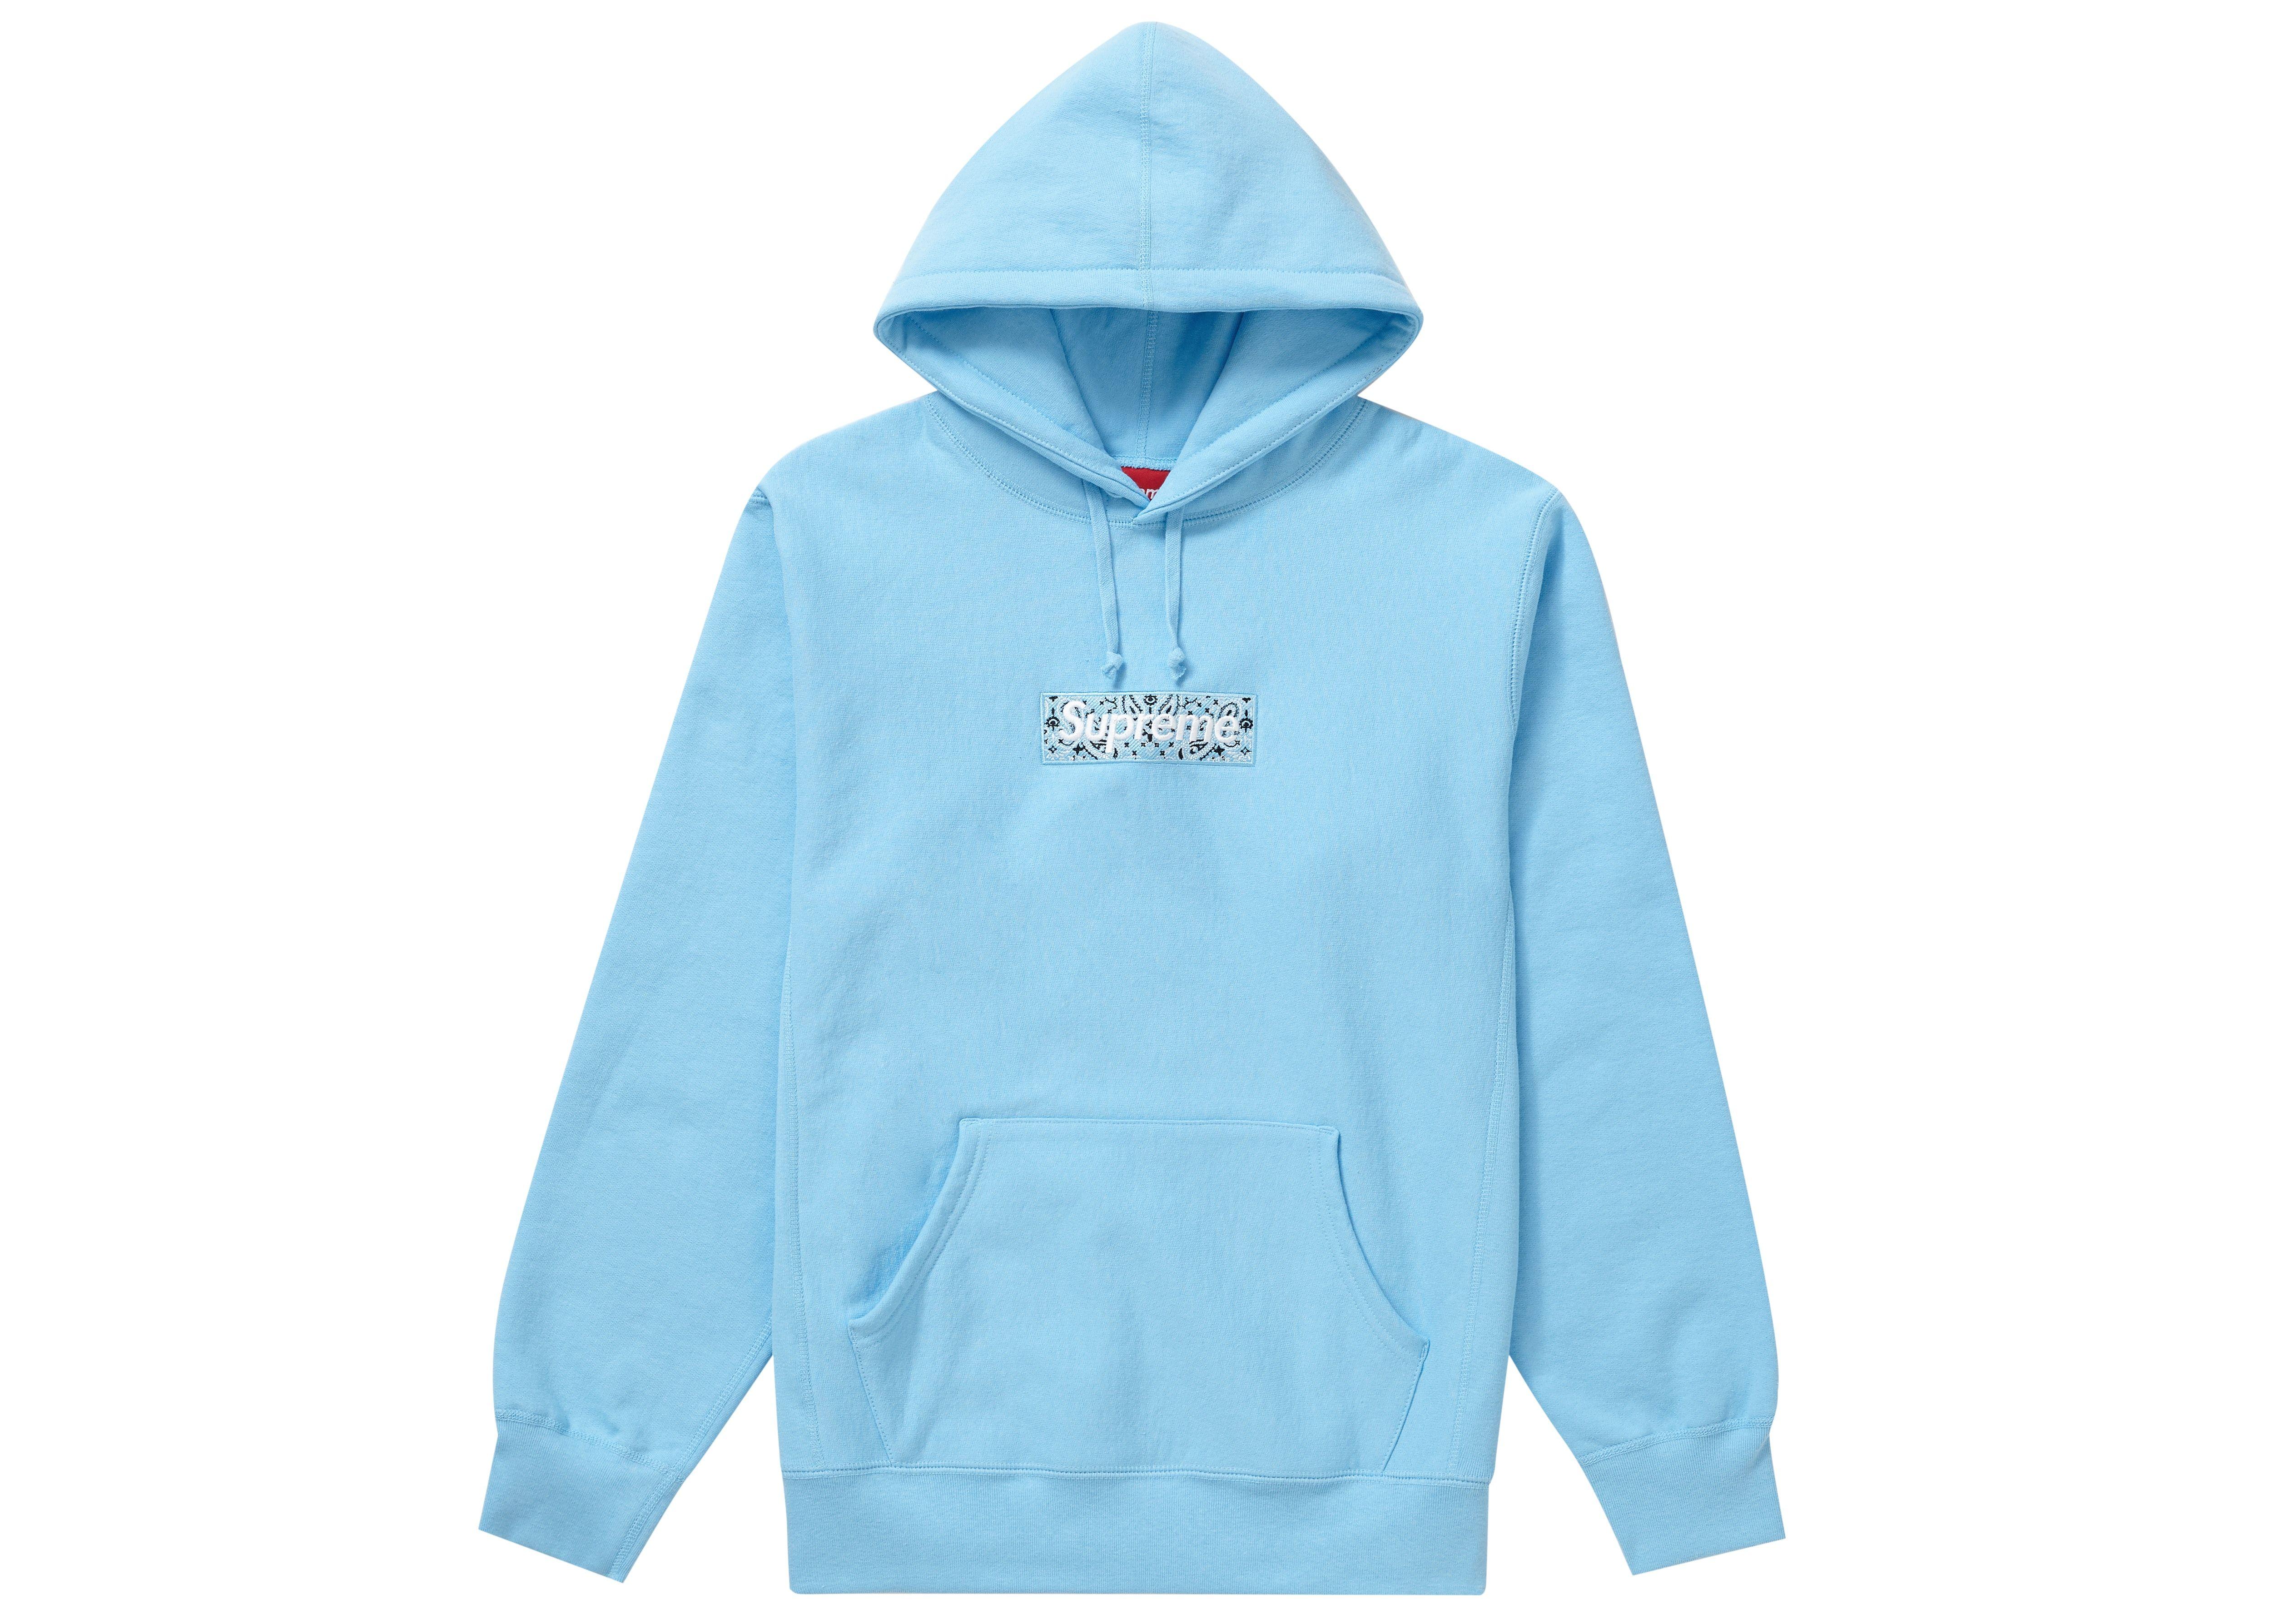 Supreme Bandana Box Logo Hooded Sweatshirt Light Blue In 2021 Supreme Hoodie Sweatshirts Hooded Sweatshirts [ 3575 x 5006 Pixel ]